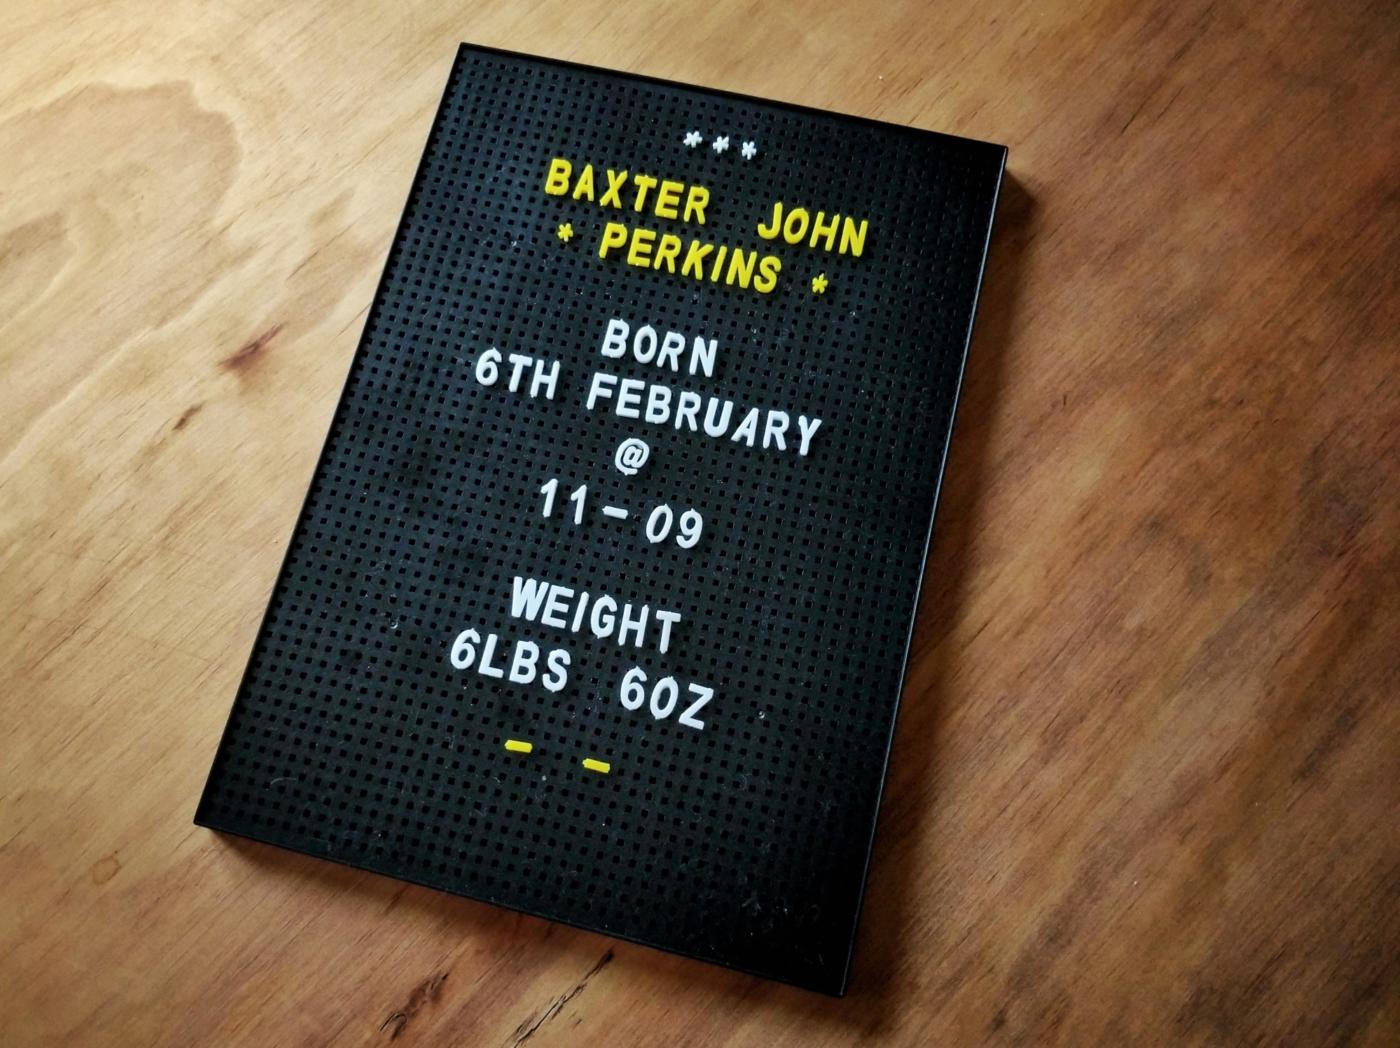 Baxter board